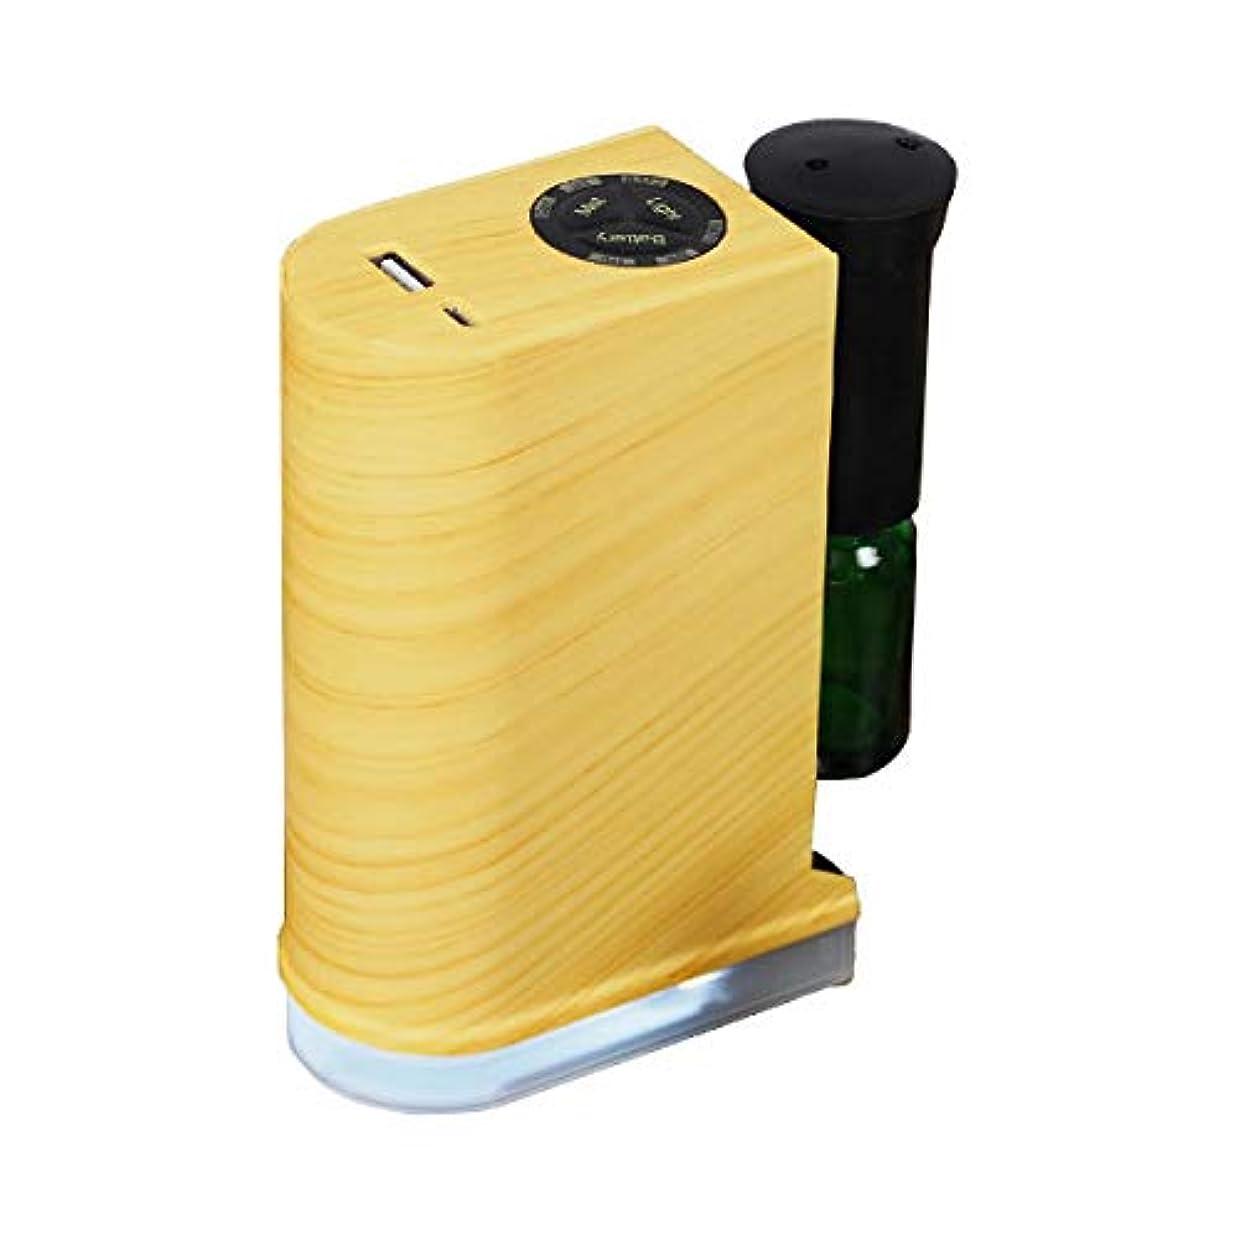 悪因子厳後方アロマデュフューザー 水を使わない ネブライザー式アロマディフューザー LED搭載 アロマオイル 精油 アロマ芳香 (ナチュラル)